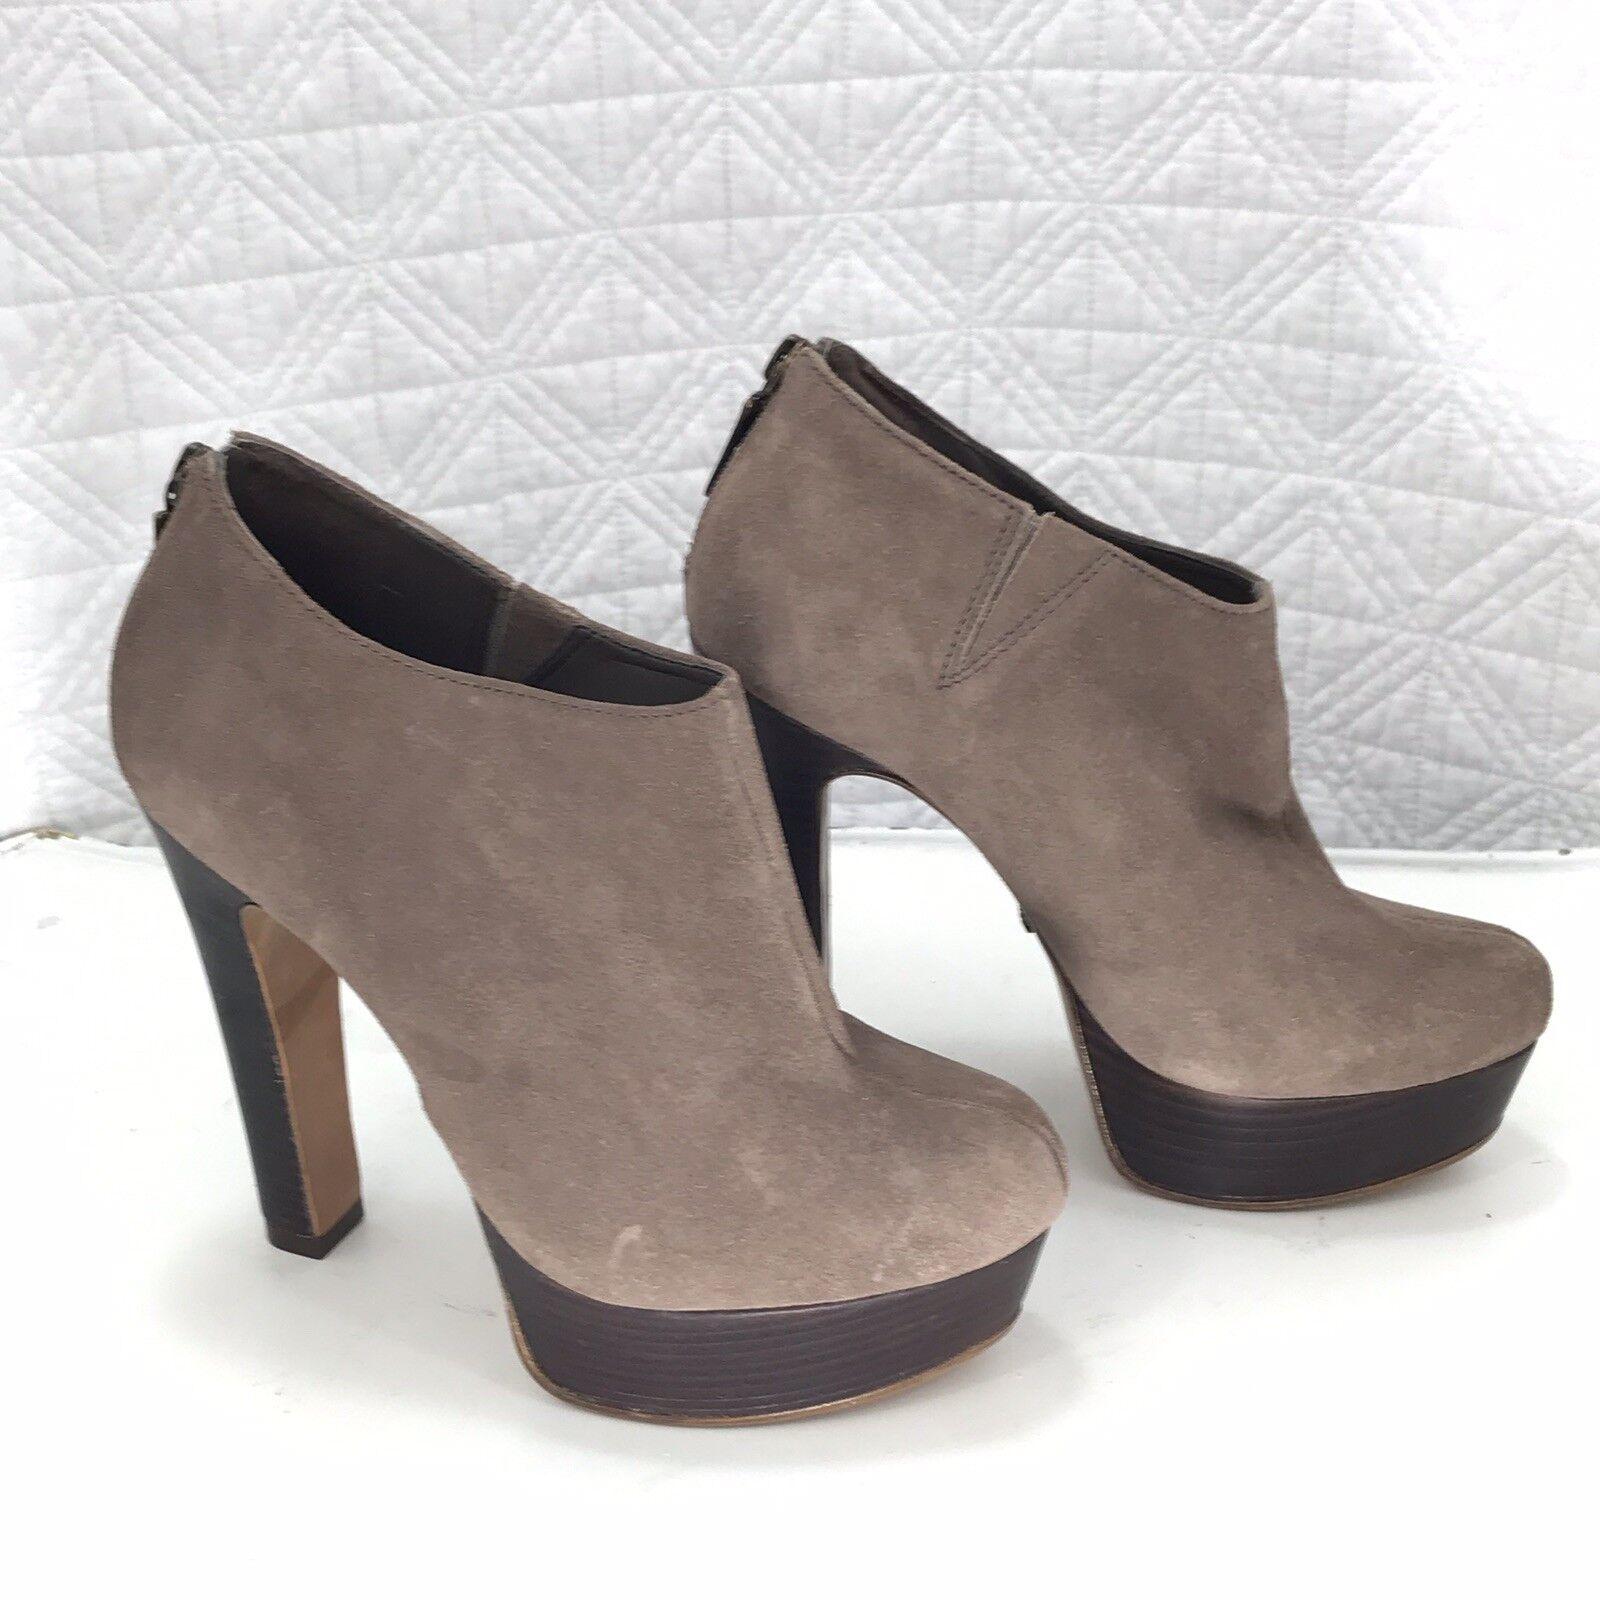 Schutz Schutz Schutz Kefera Platform Stiefelies Stiefel Sz 6M braun Nubuck Leather afd6bb